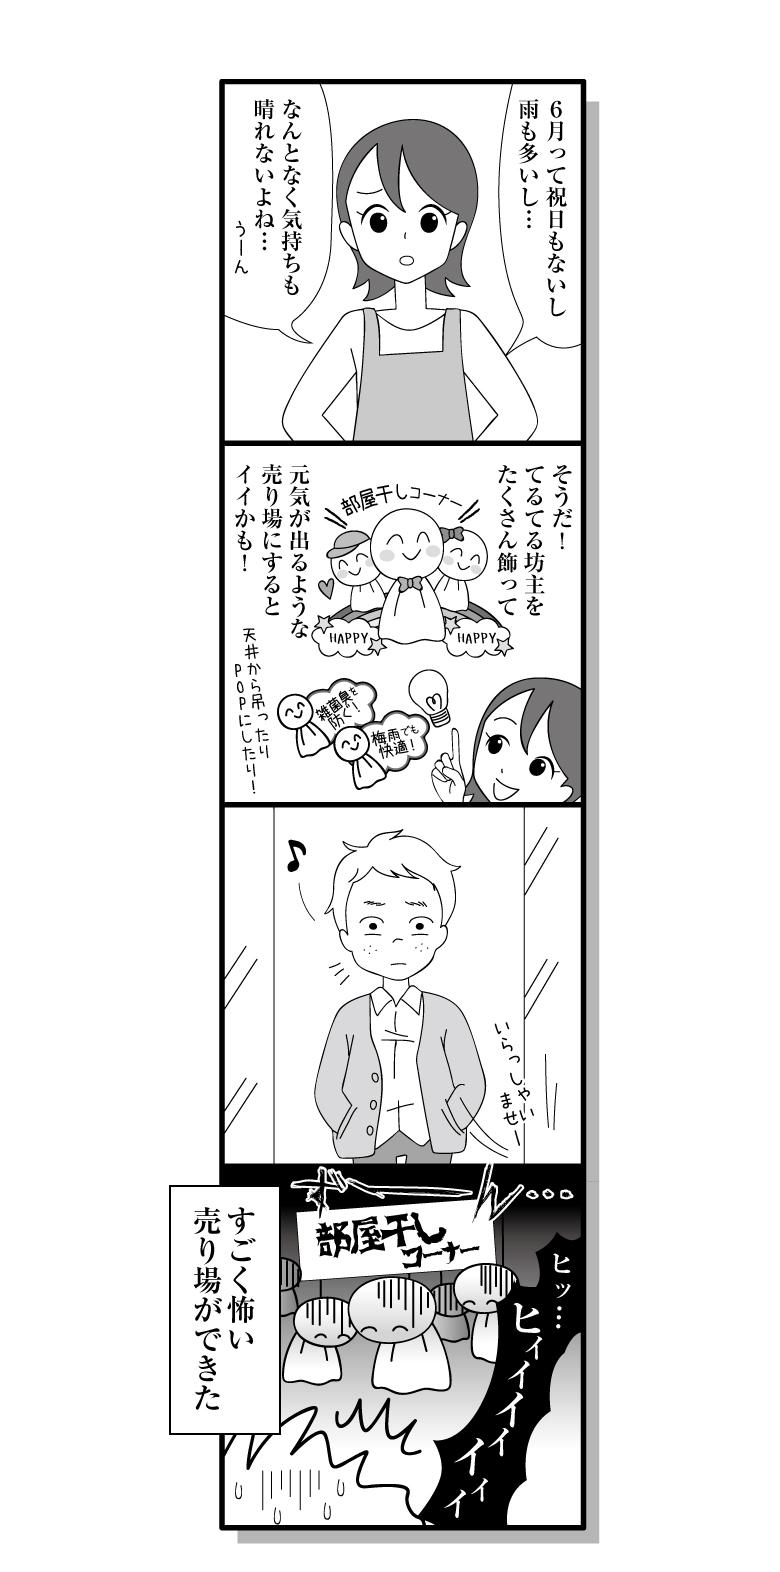 180602_manga